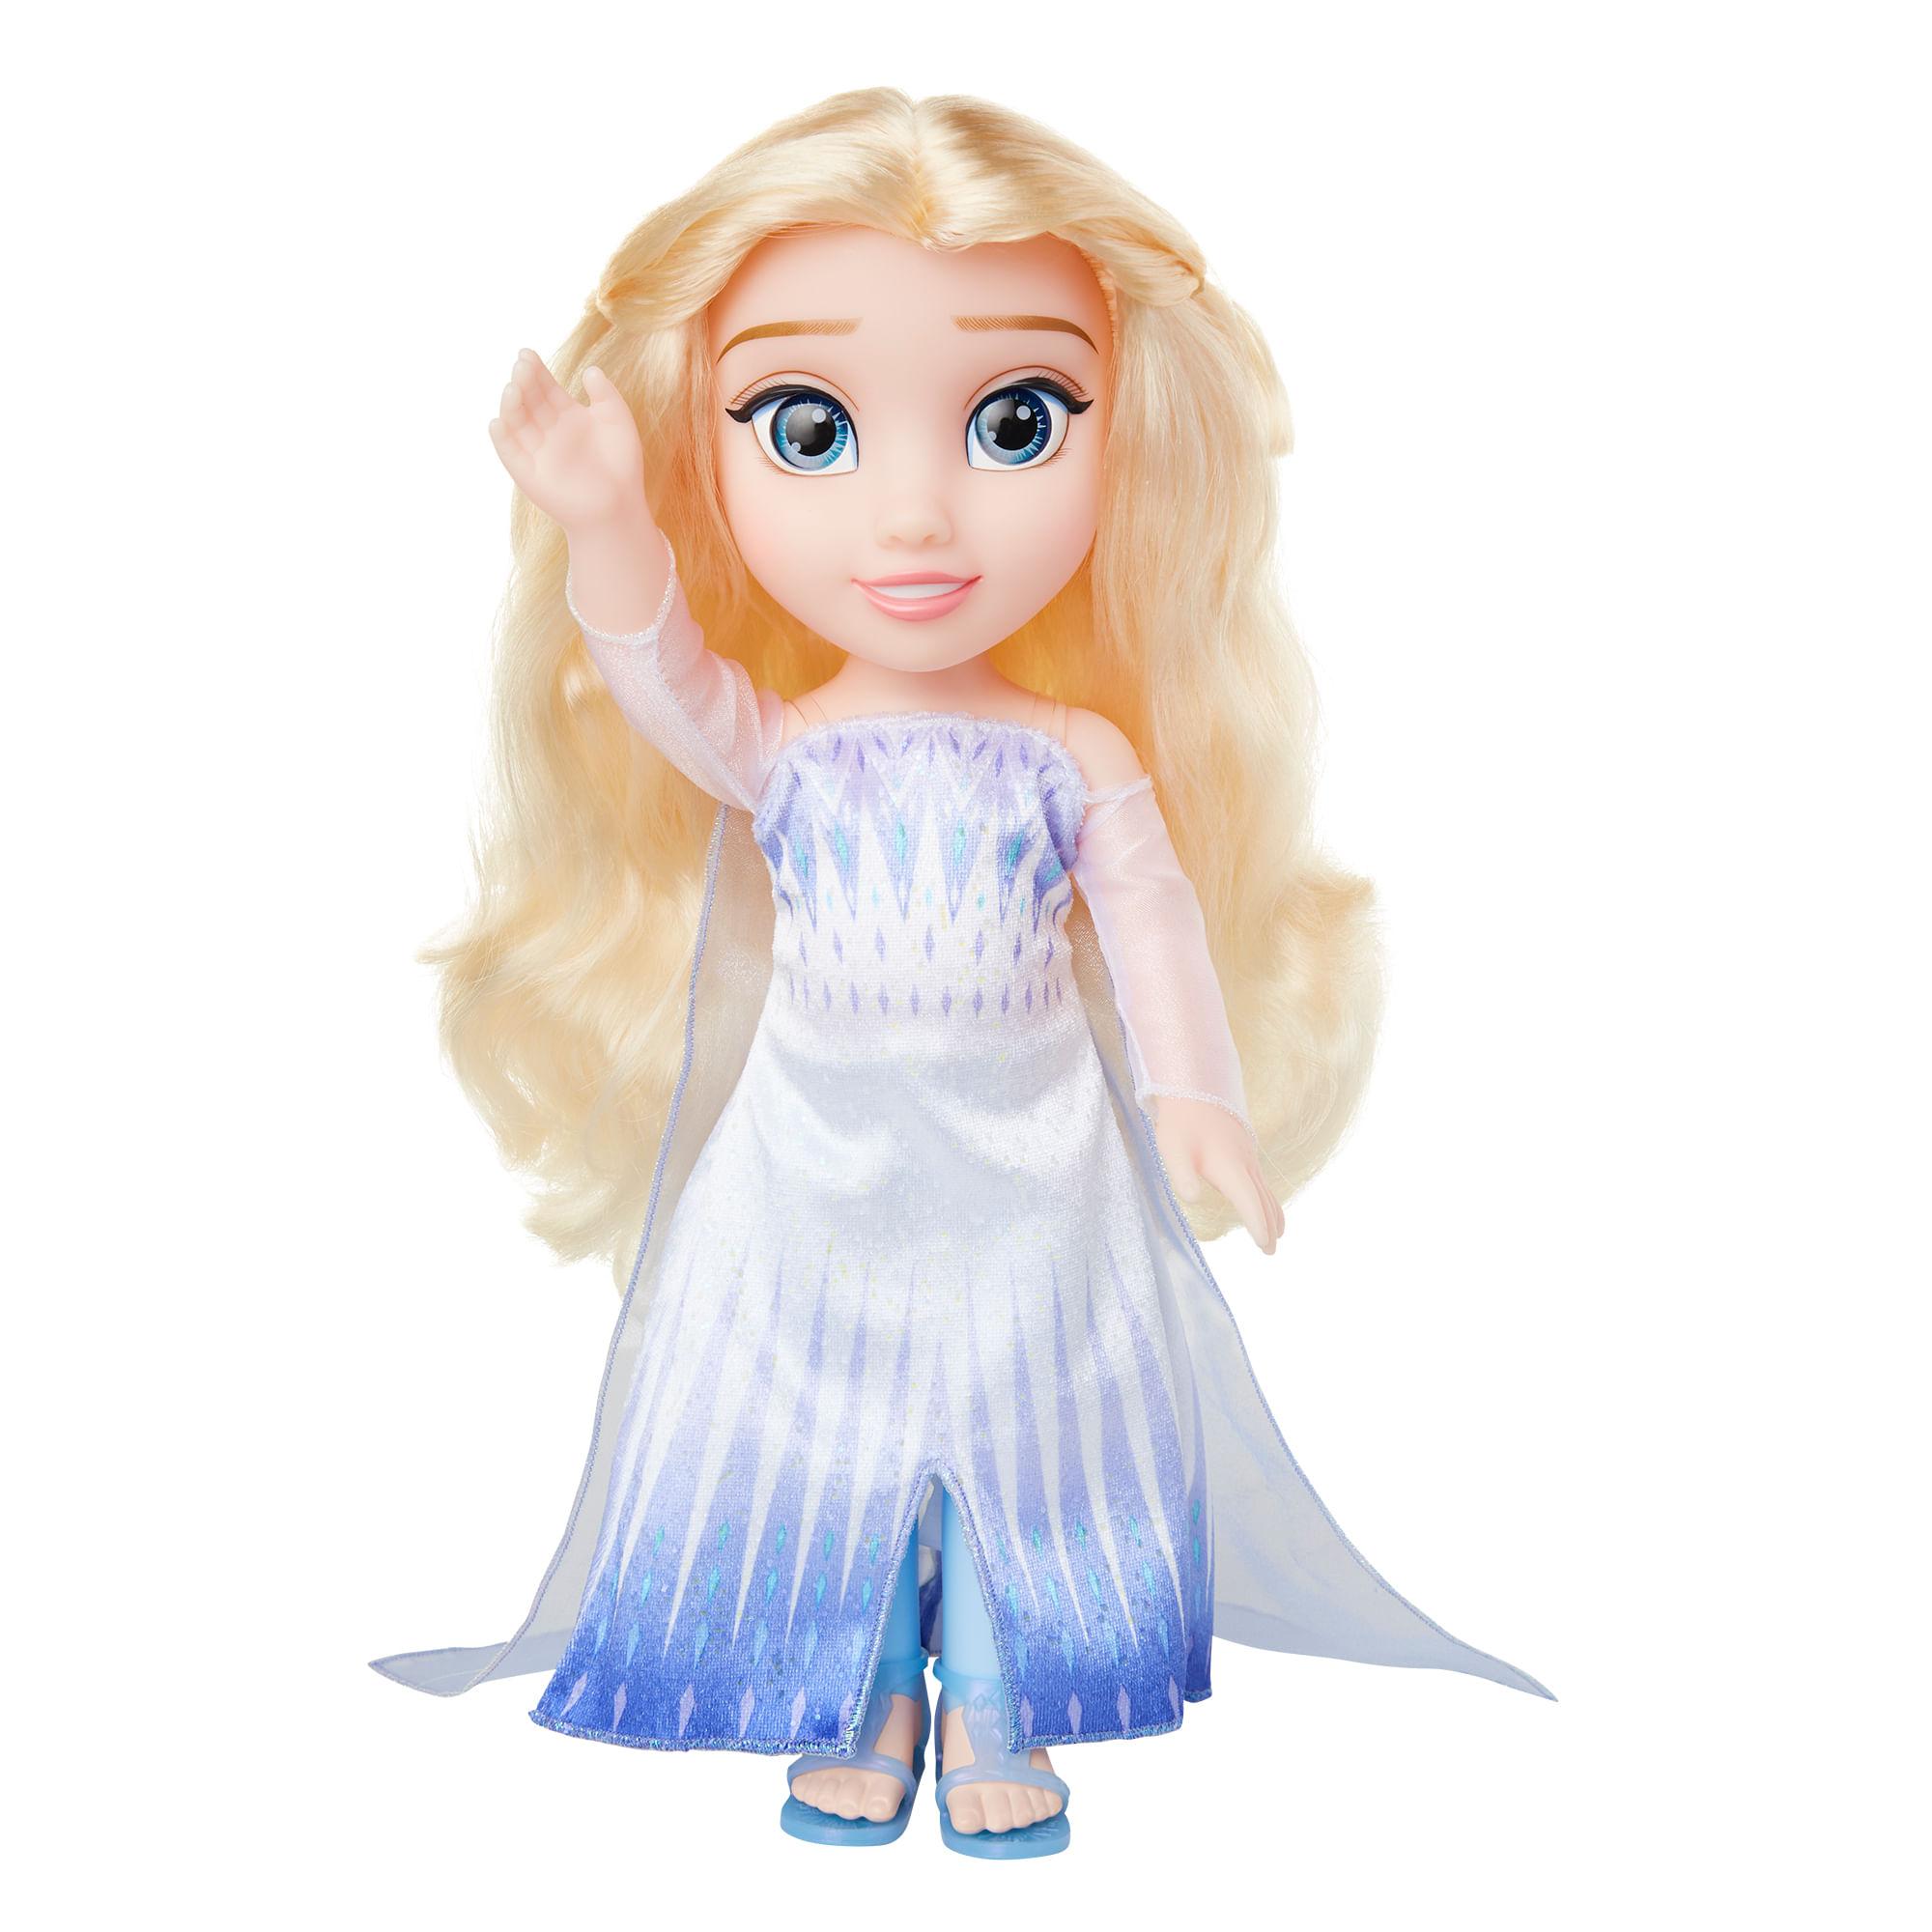 Boneca Articulada - 30Cm - Disney - Frozen 2 - Elsa Rainha da Neve - Mimo